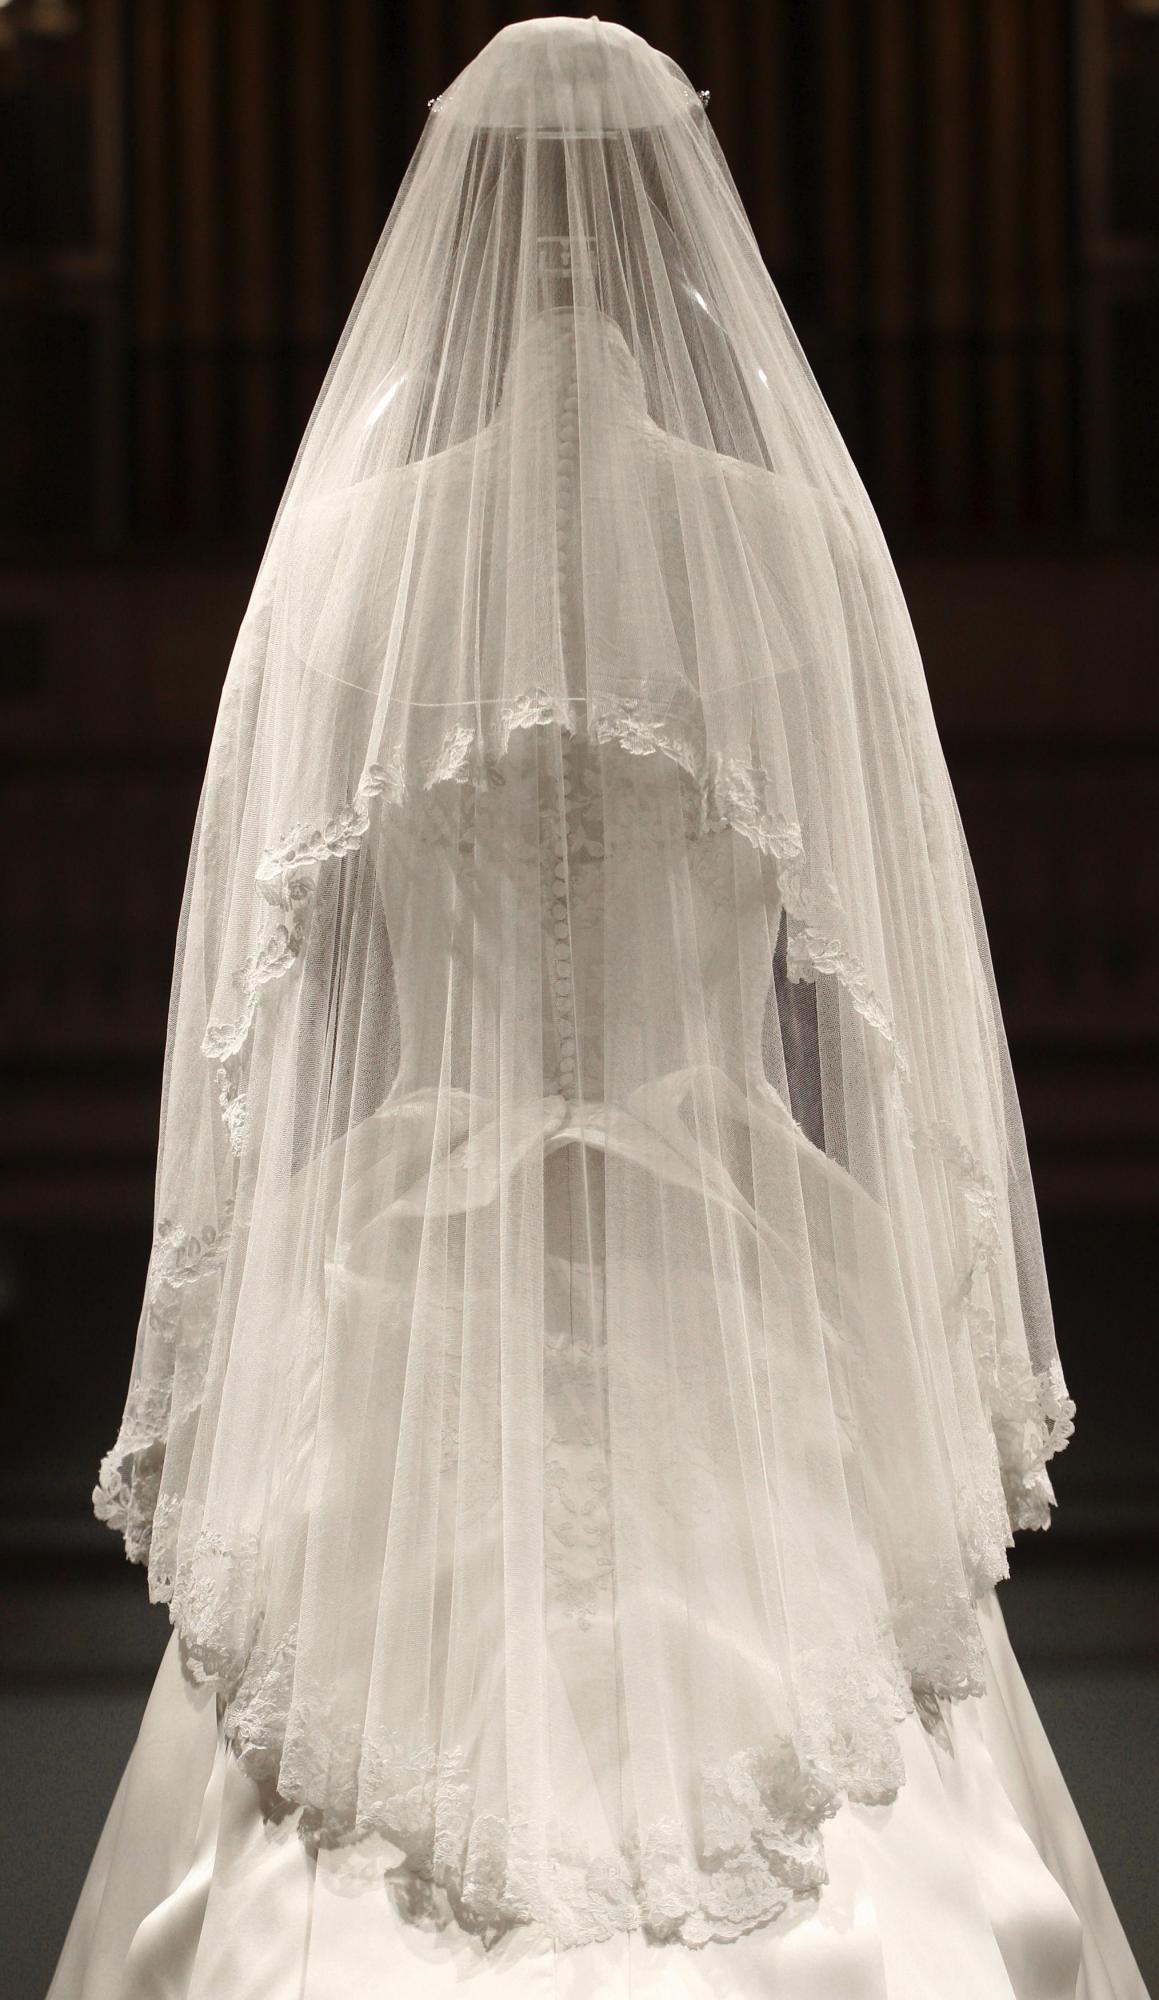 7月22日,英国王妃凯特的婚纱在伦敦白金汉宫展出婚纱的后摆长达2.7米婚纱的背部体现了经典的维多利亚风格精工雕琢的婚鞋,英国尺码5.5号婚礼蛋糕,最上面三层是复制品新娘的手捧花的复制品2011年4月29日,灰姑娘凯特和威廉王子完婚